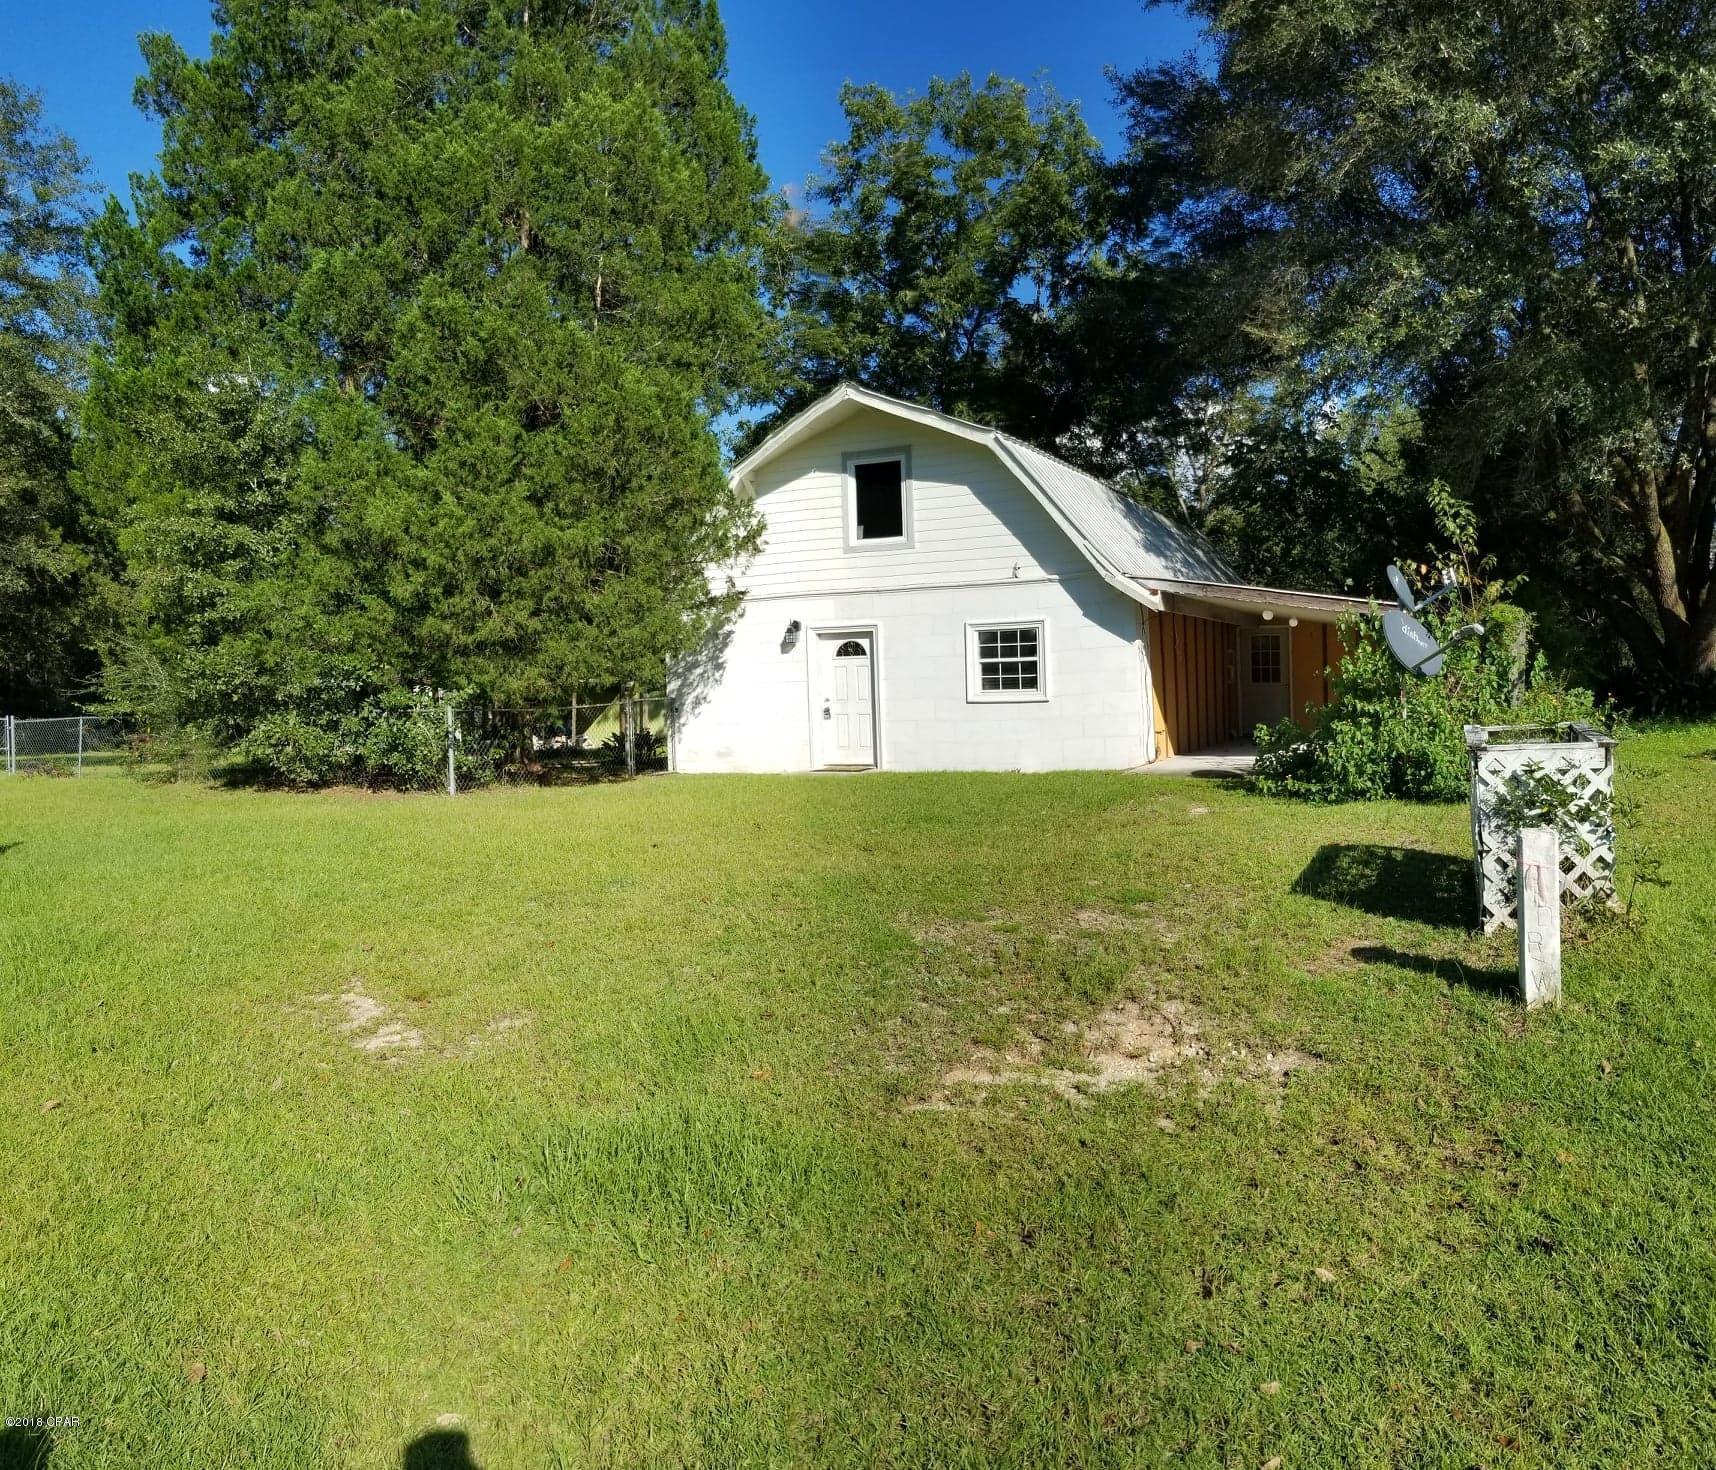 Photo of 1549 HWY 177-A Bonifay FL 32425